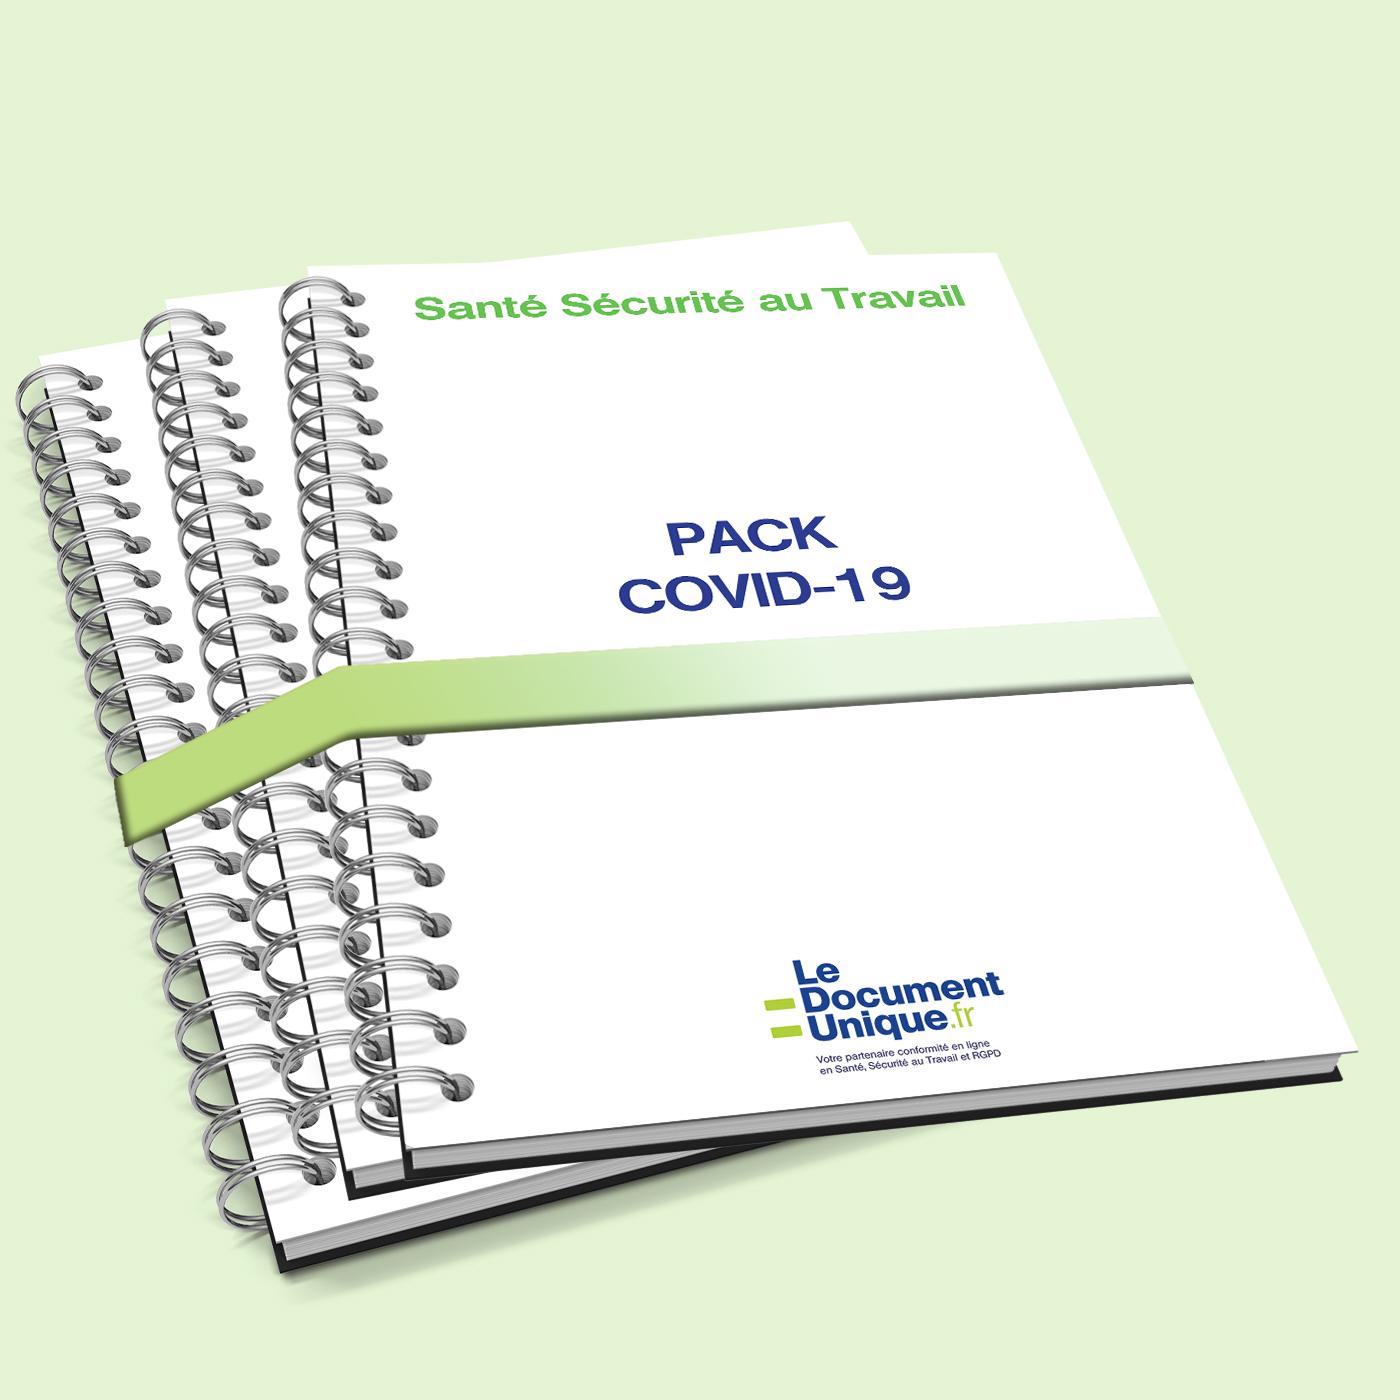 Pack COVID-19 pour les entreprises